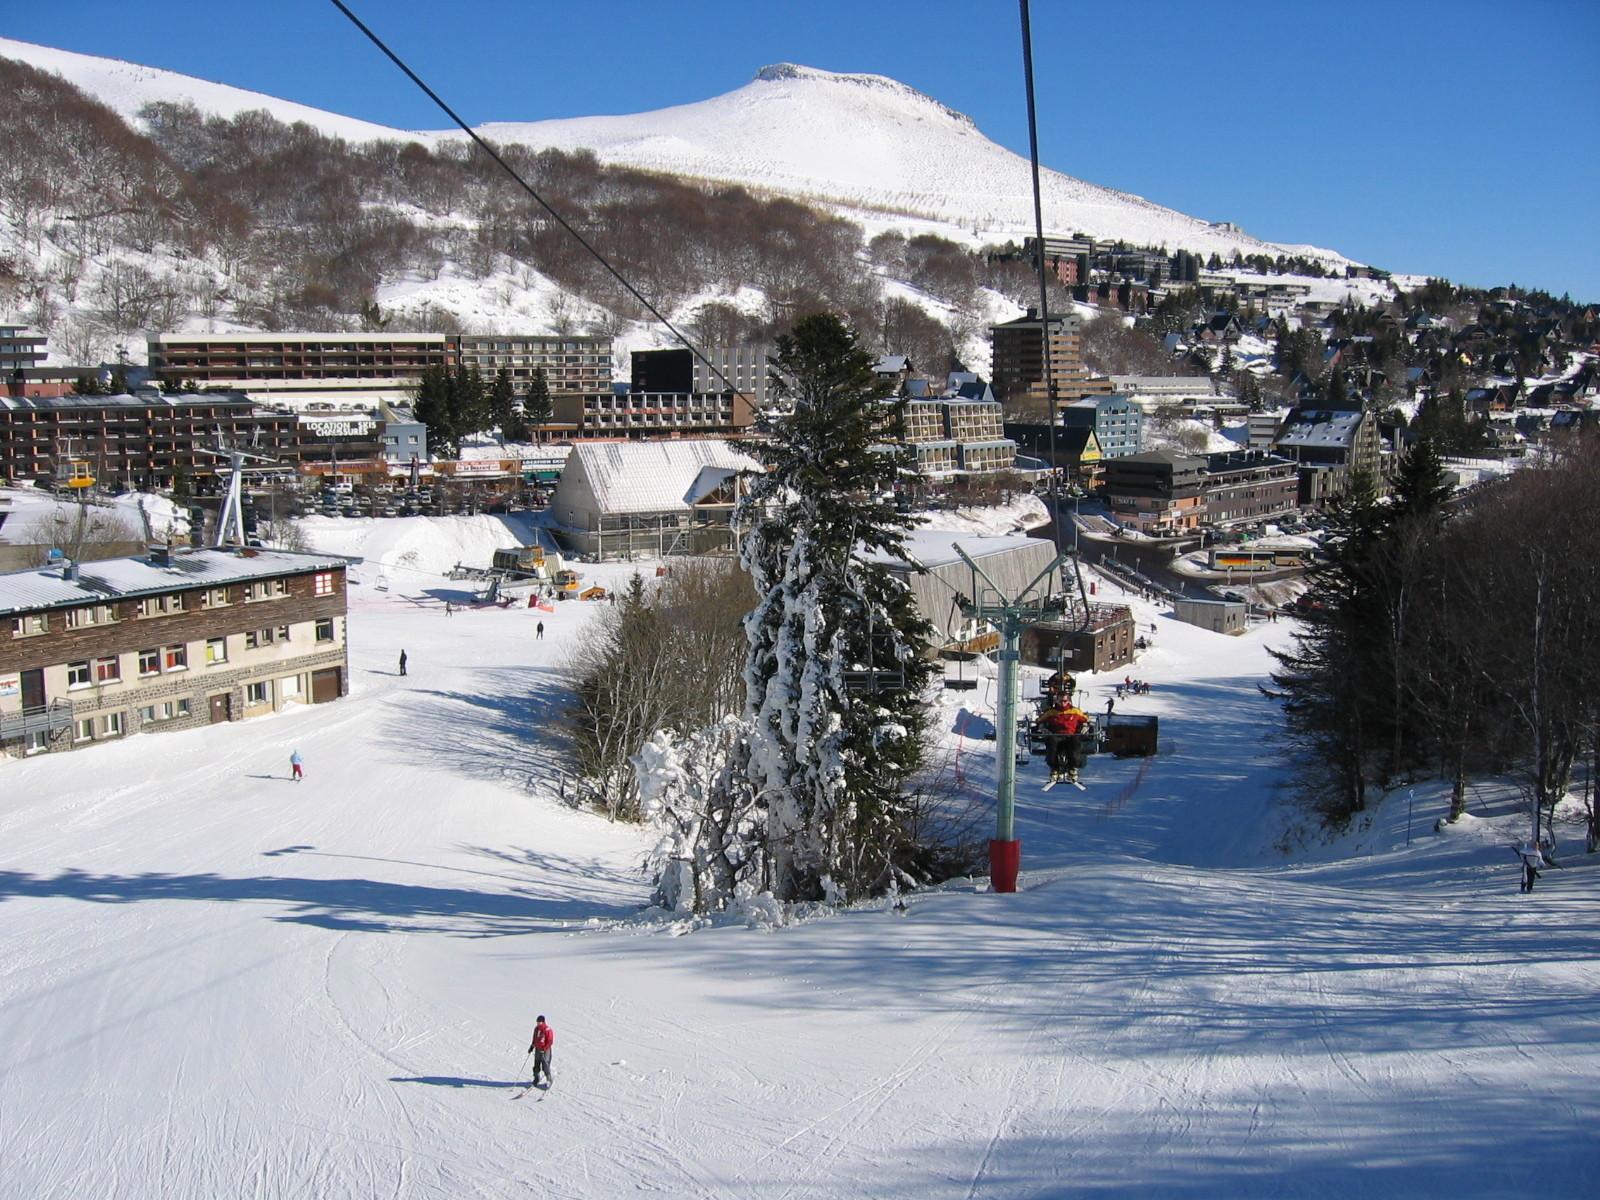 Avec 70 cm de neige en bas des pistes, le retour skis aux pieds est encore assuré à Besse Super Besse